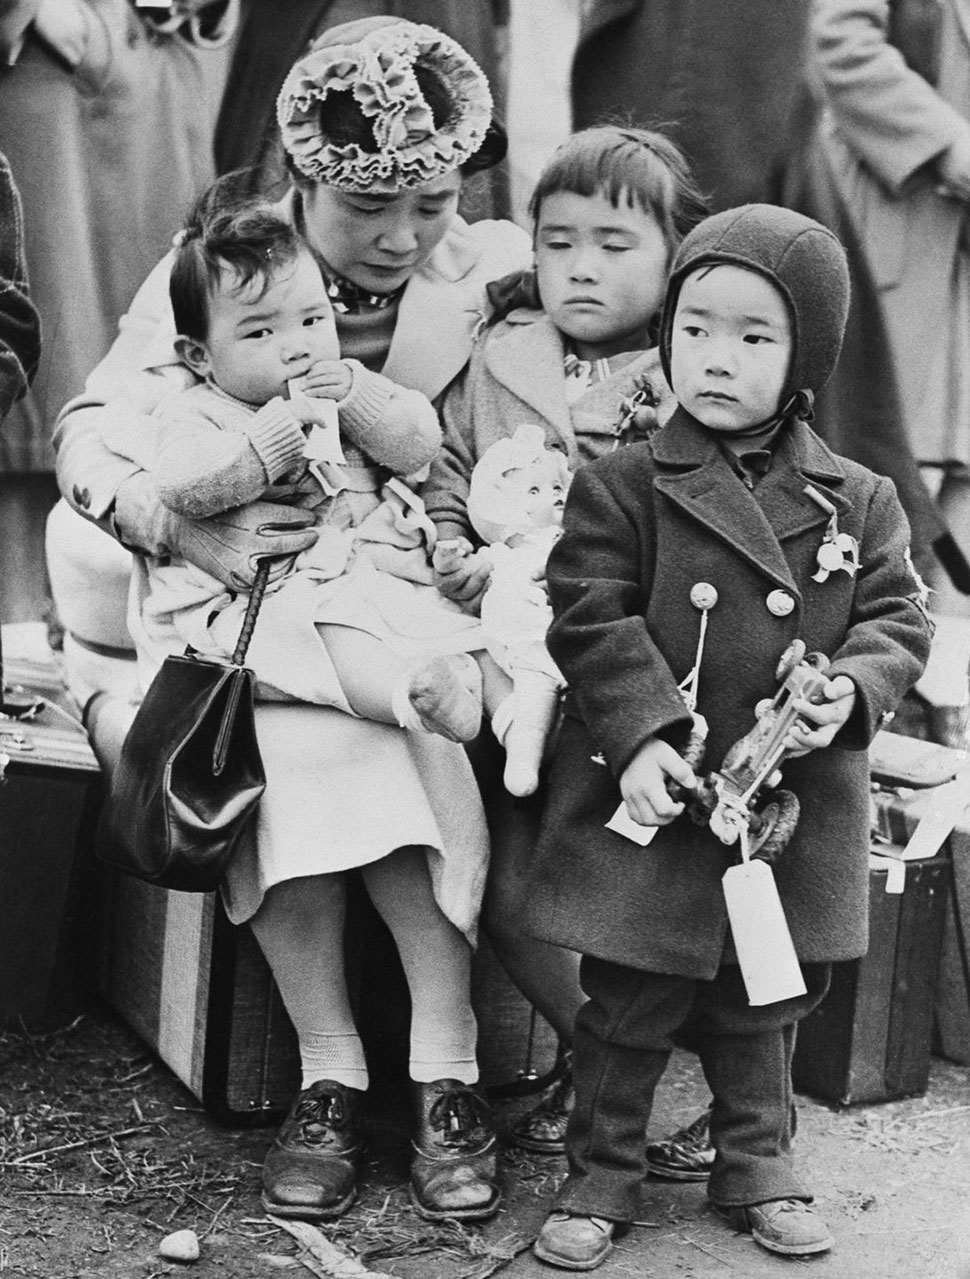 Семья ждет парома в Сиэтл на пути в лагерь переселения.